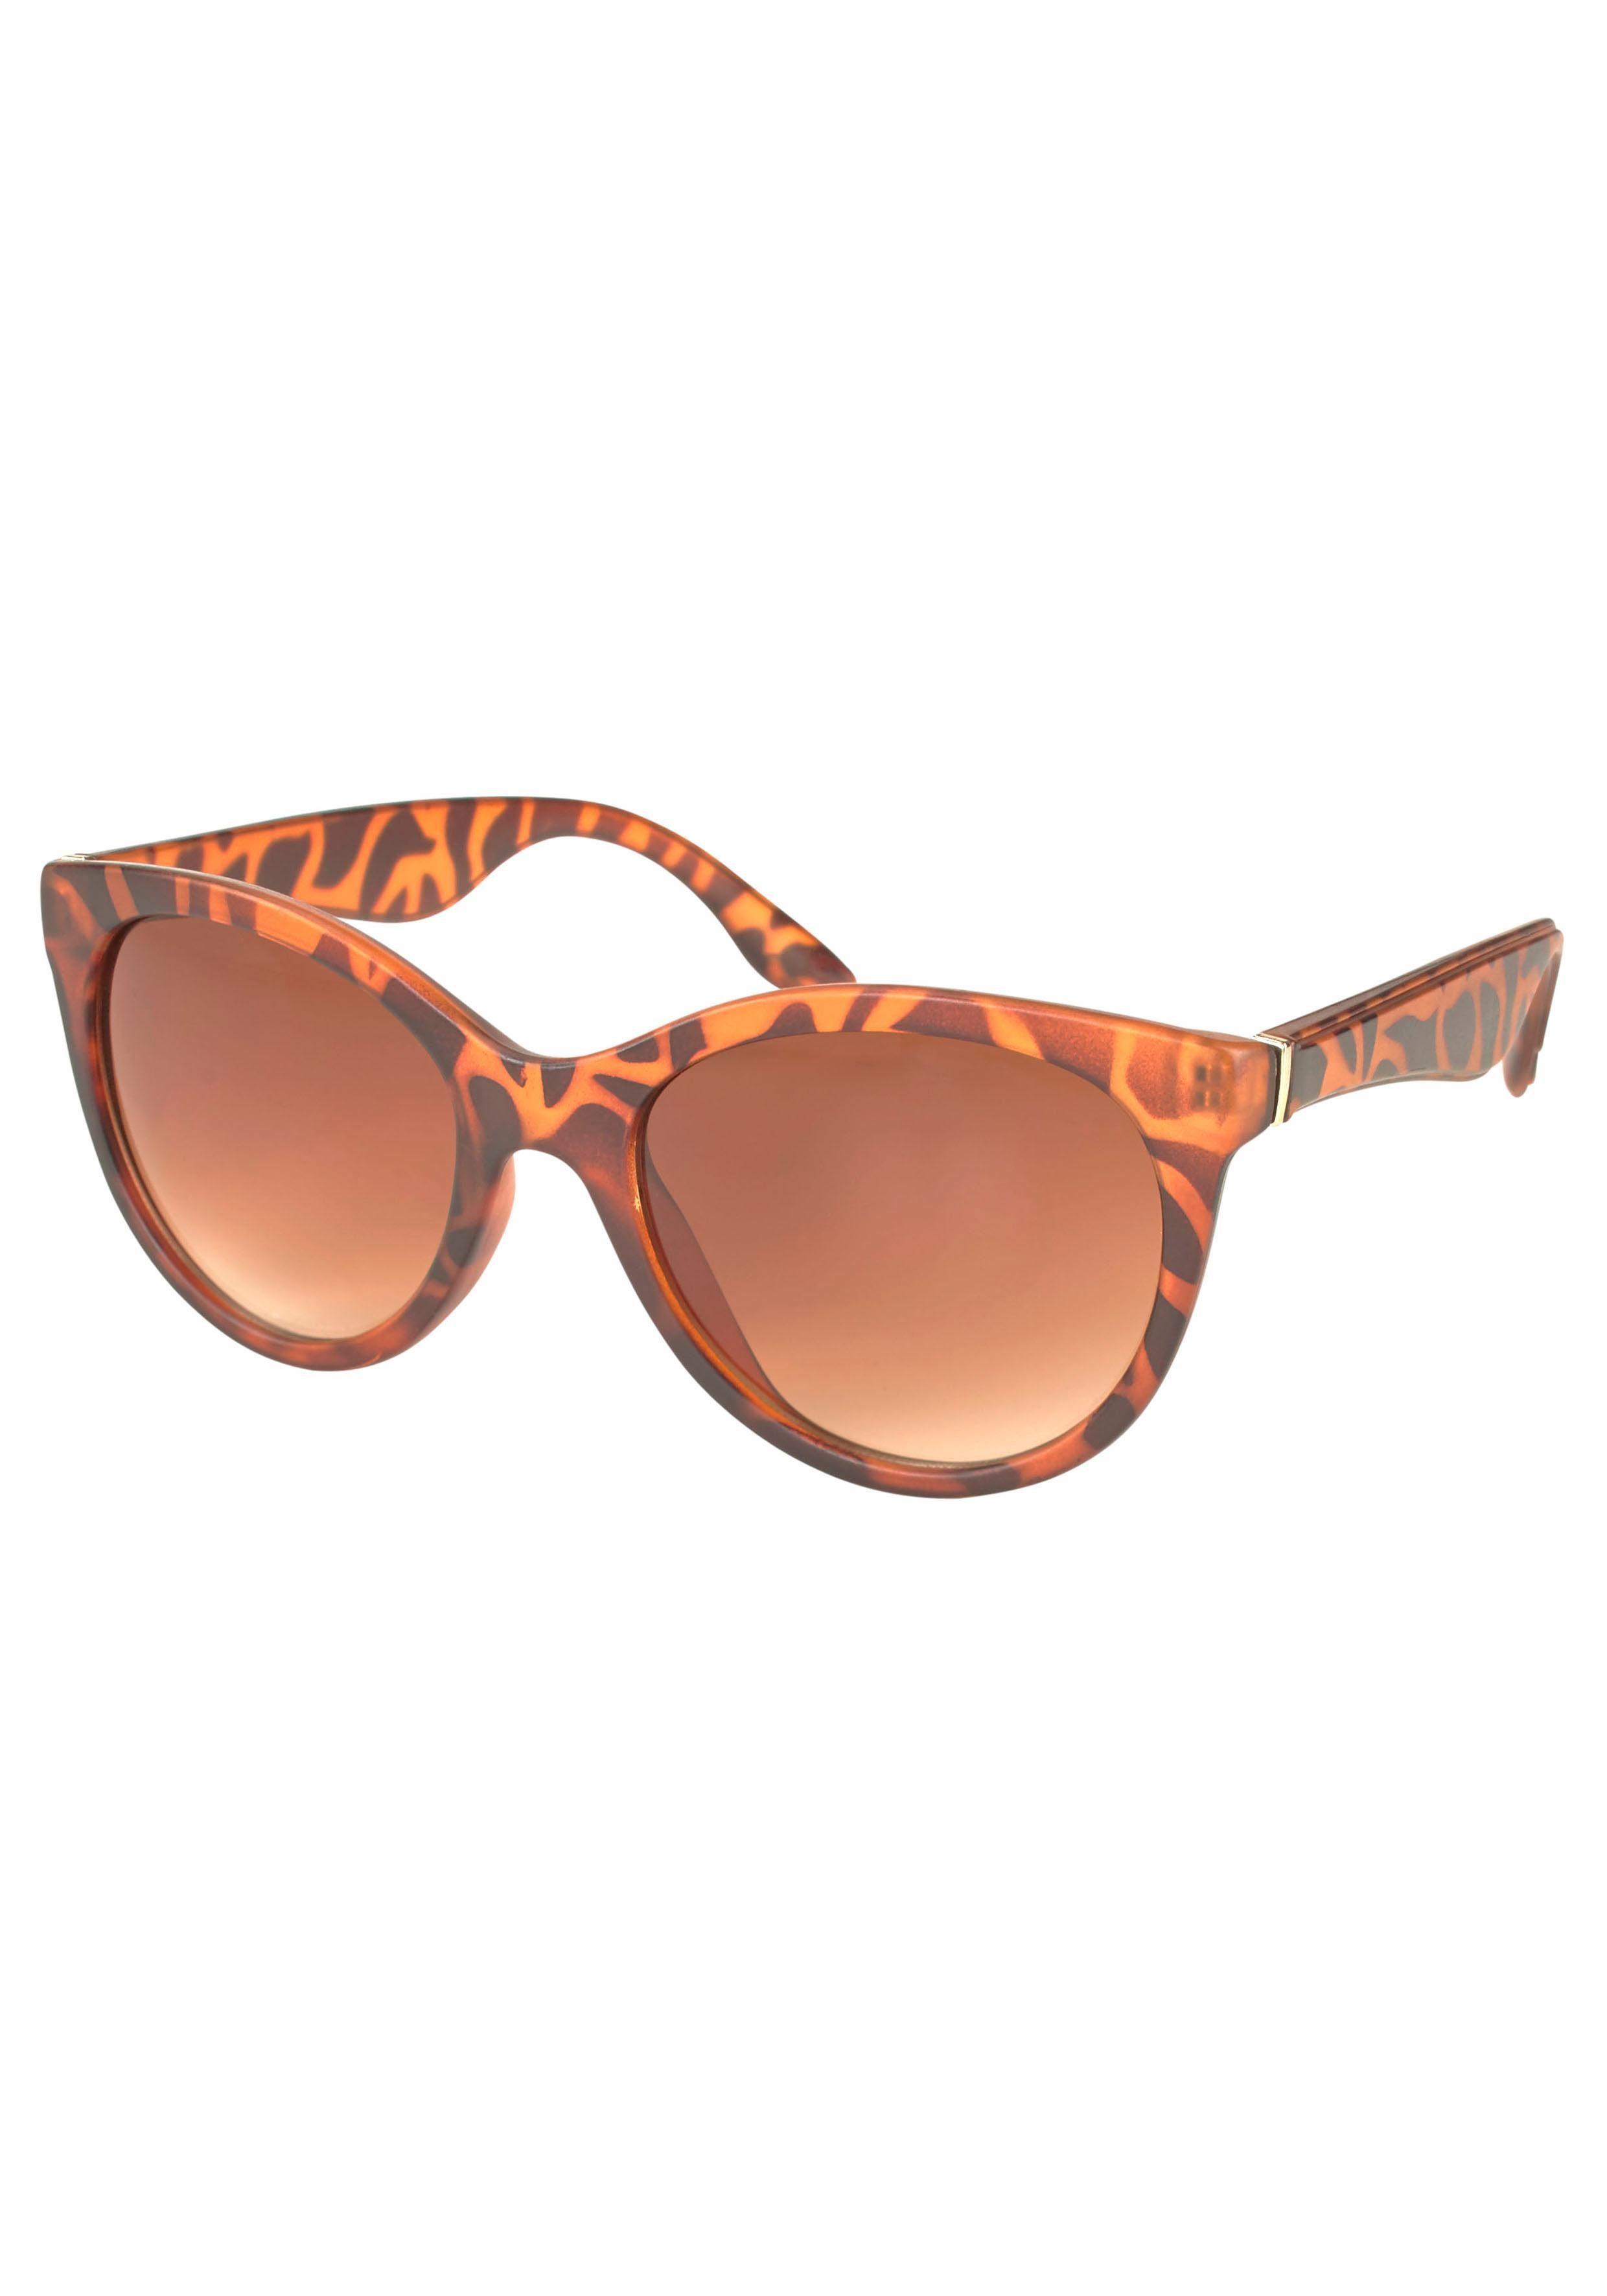 PRIMETTA Eyewear Sonnenbrille, mit Leo-Muster